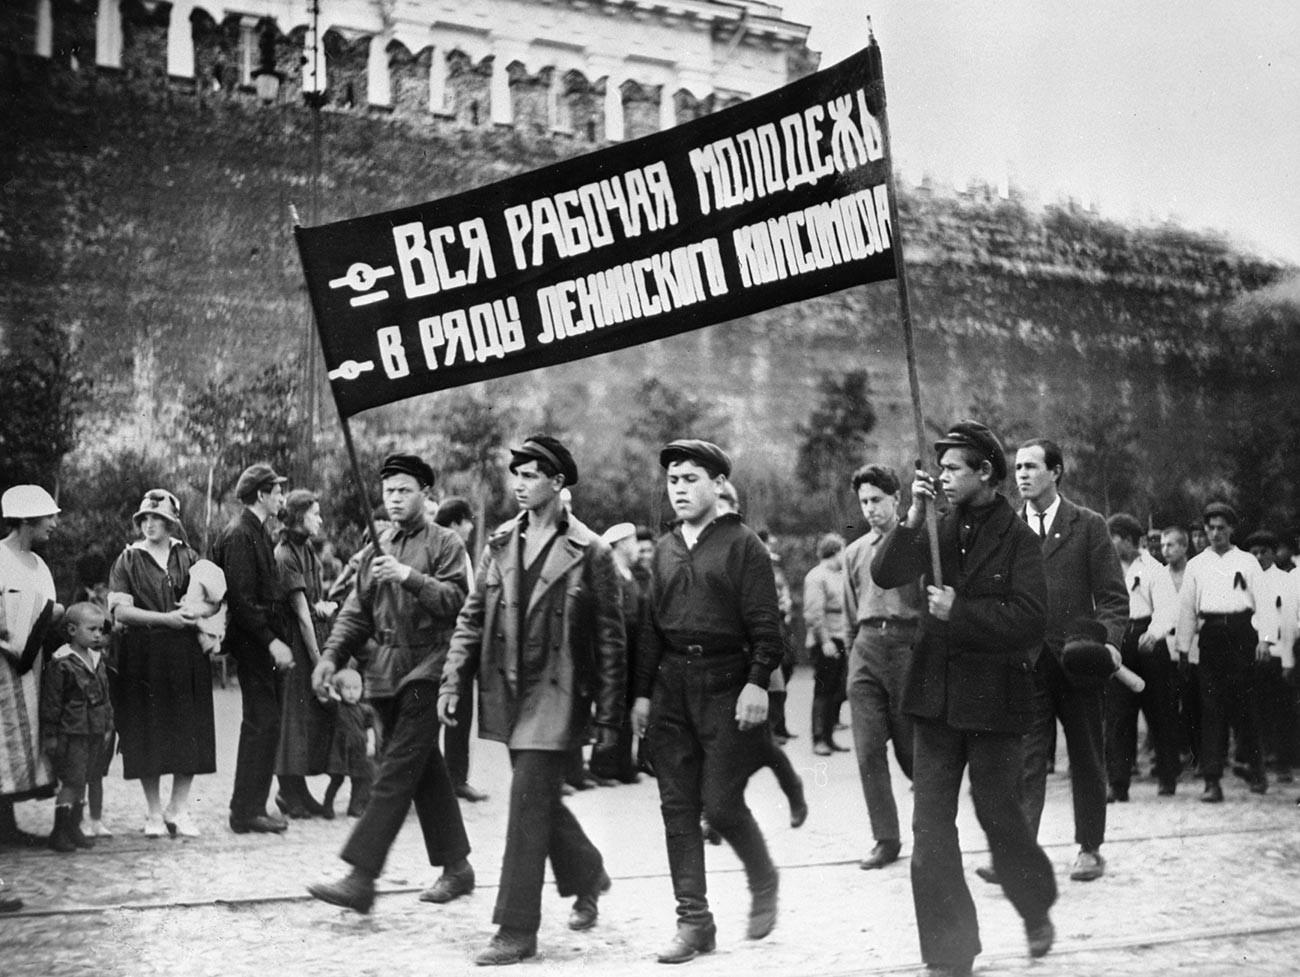 Défilé de membres du Komsomol avec pour slogan